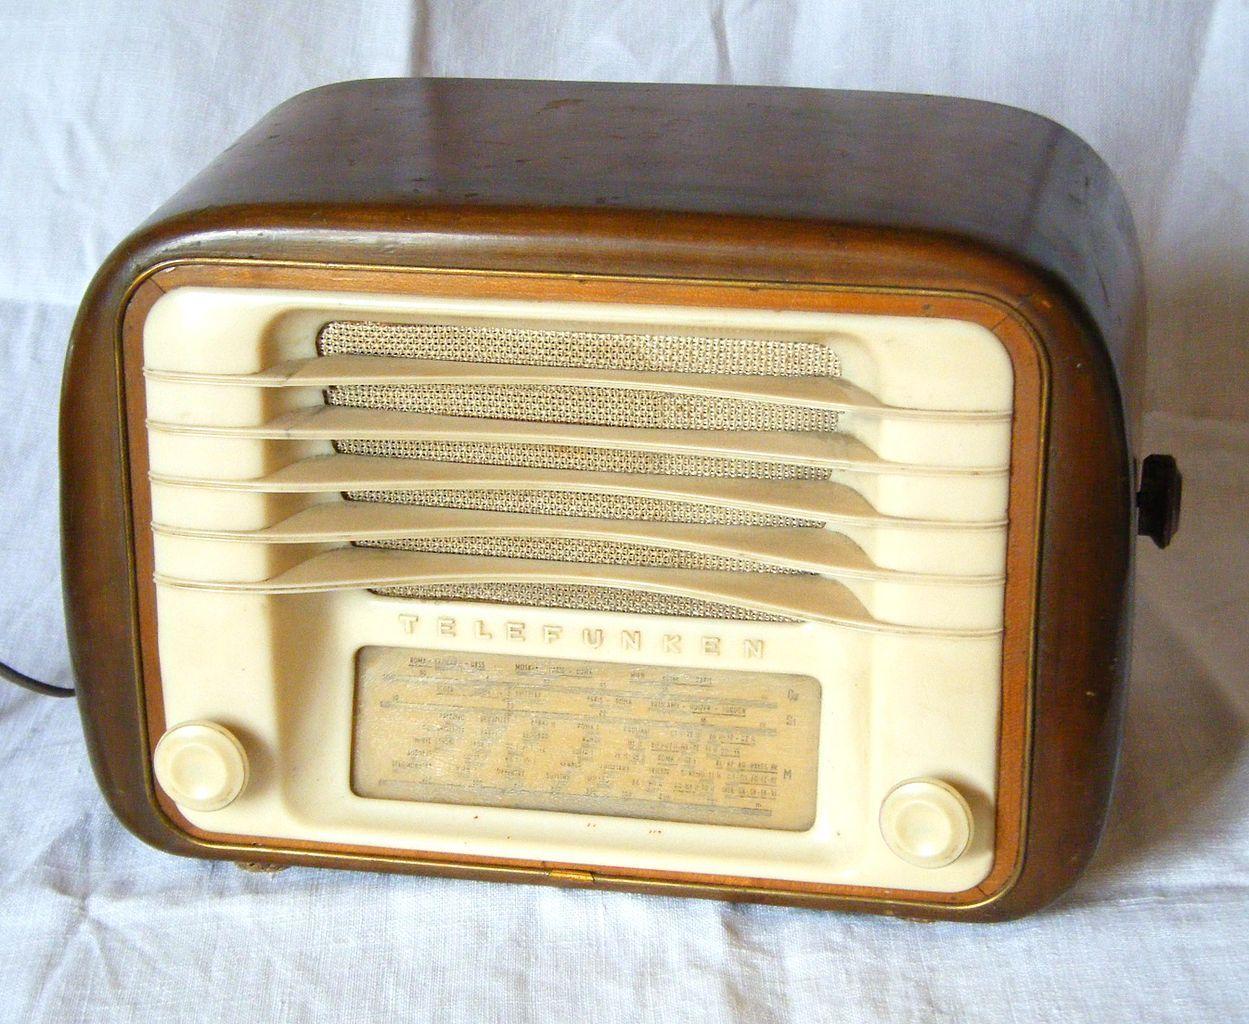 Telefunken 1950 1950 S Radio